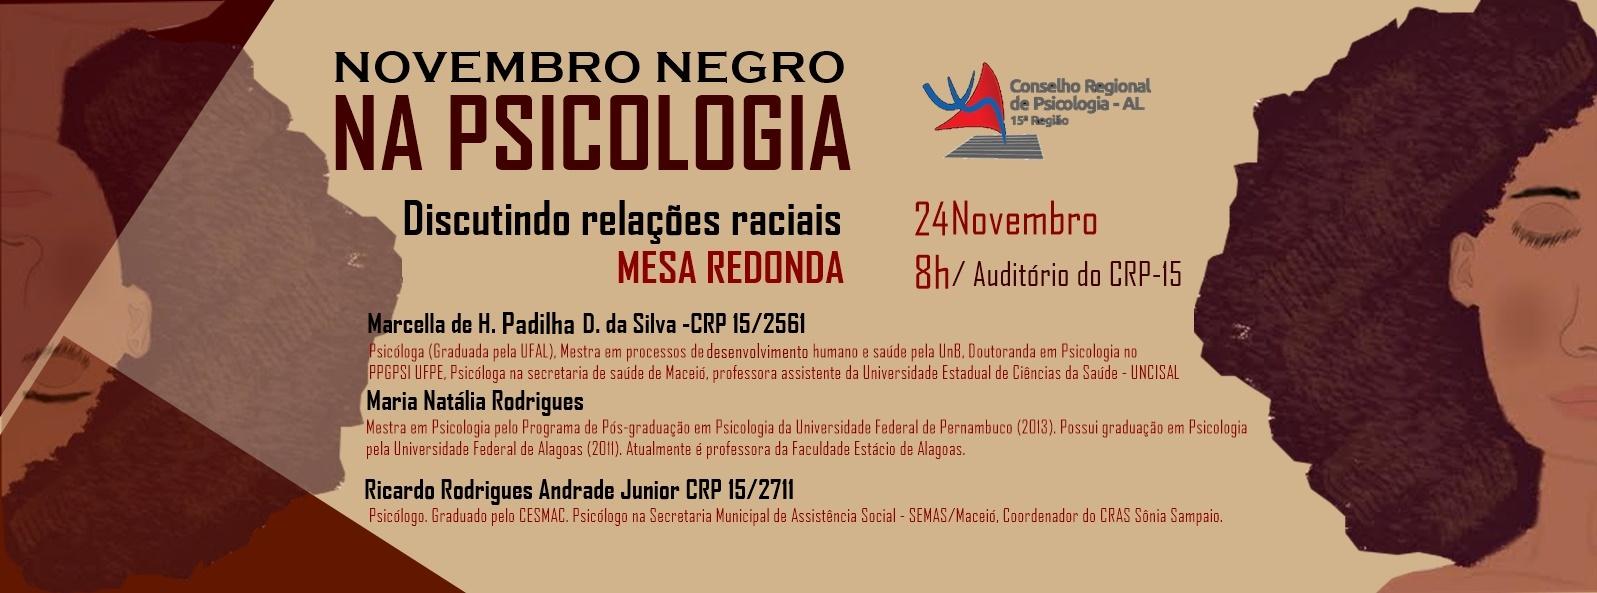 Novembro Negro na Psicologia: Discutindo as relações raciais